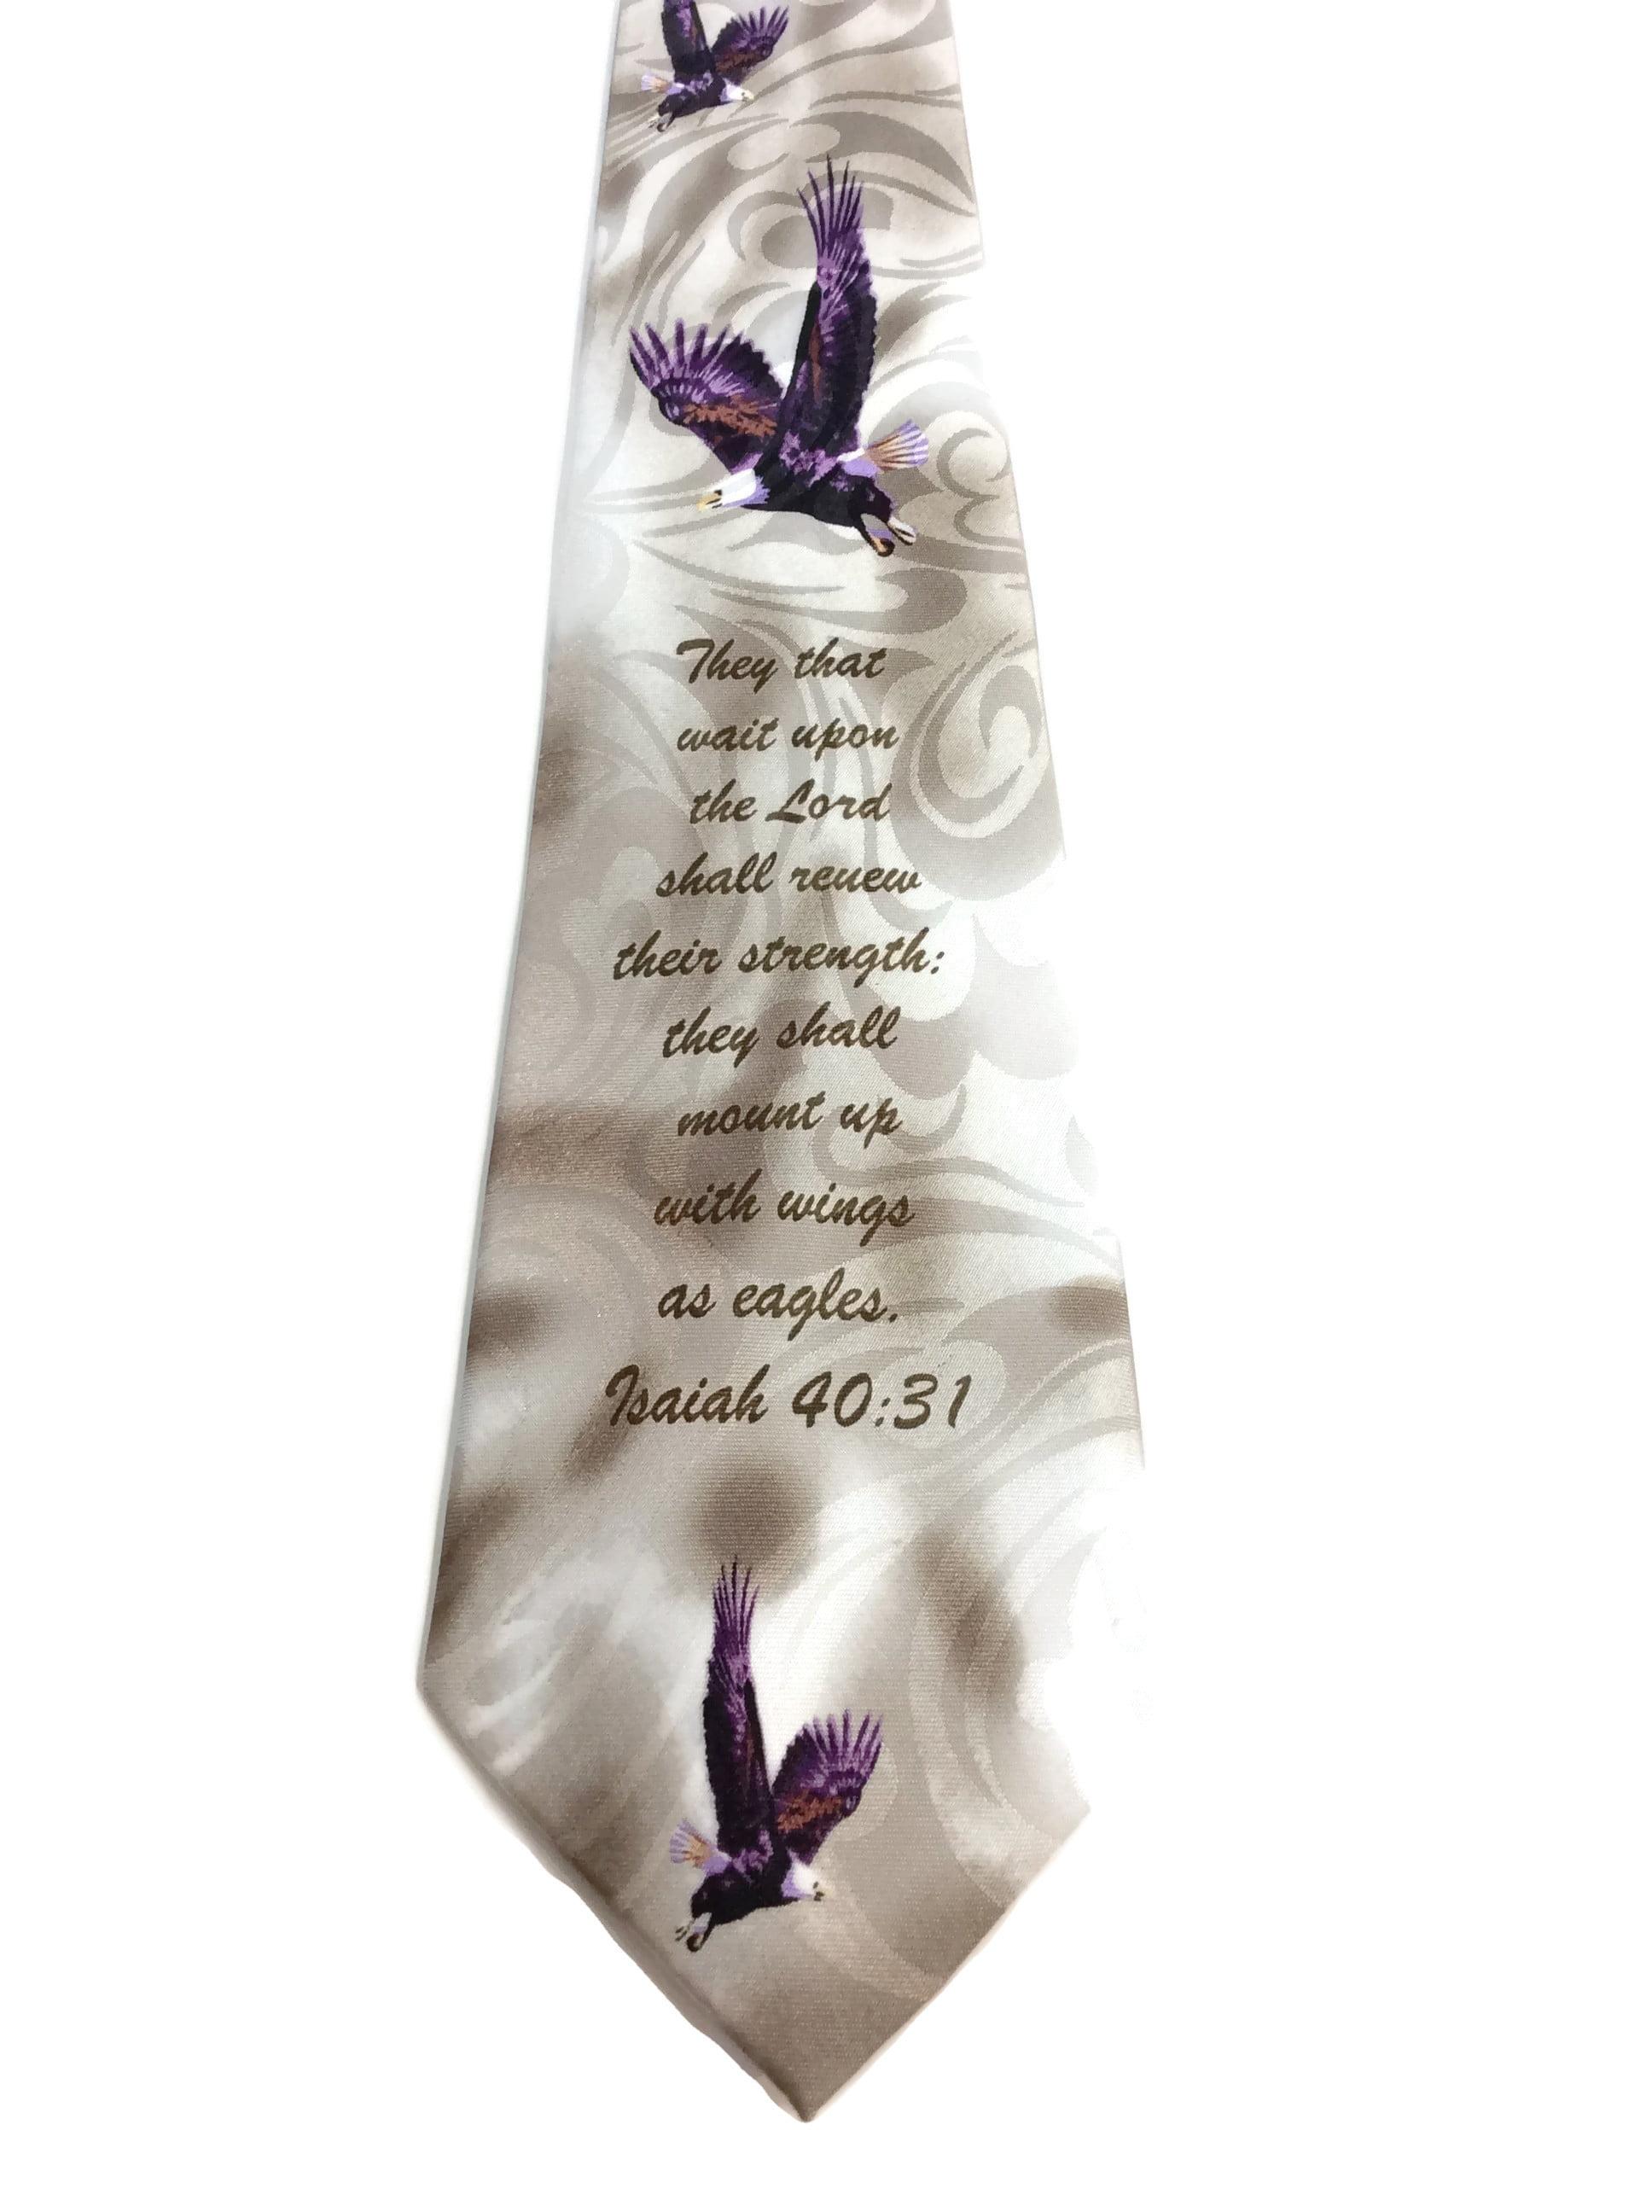 RELIGIOUS NECK TIE # 31